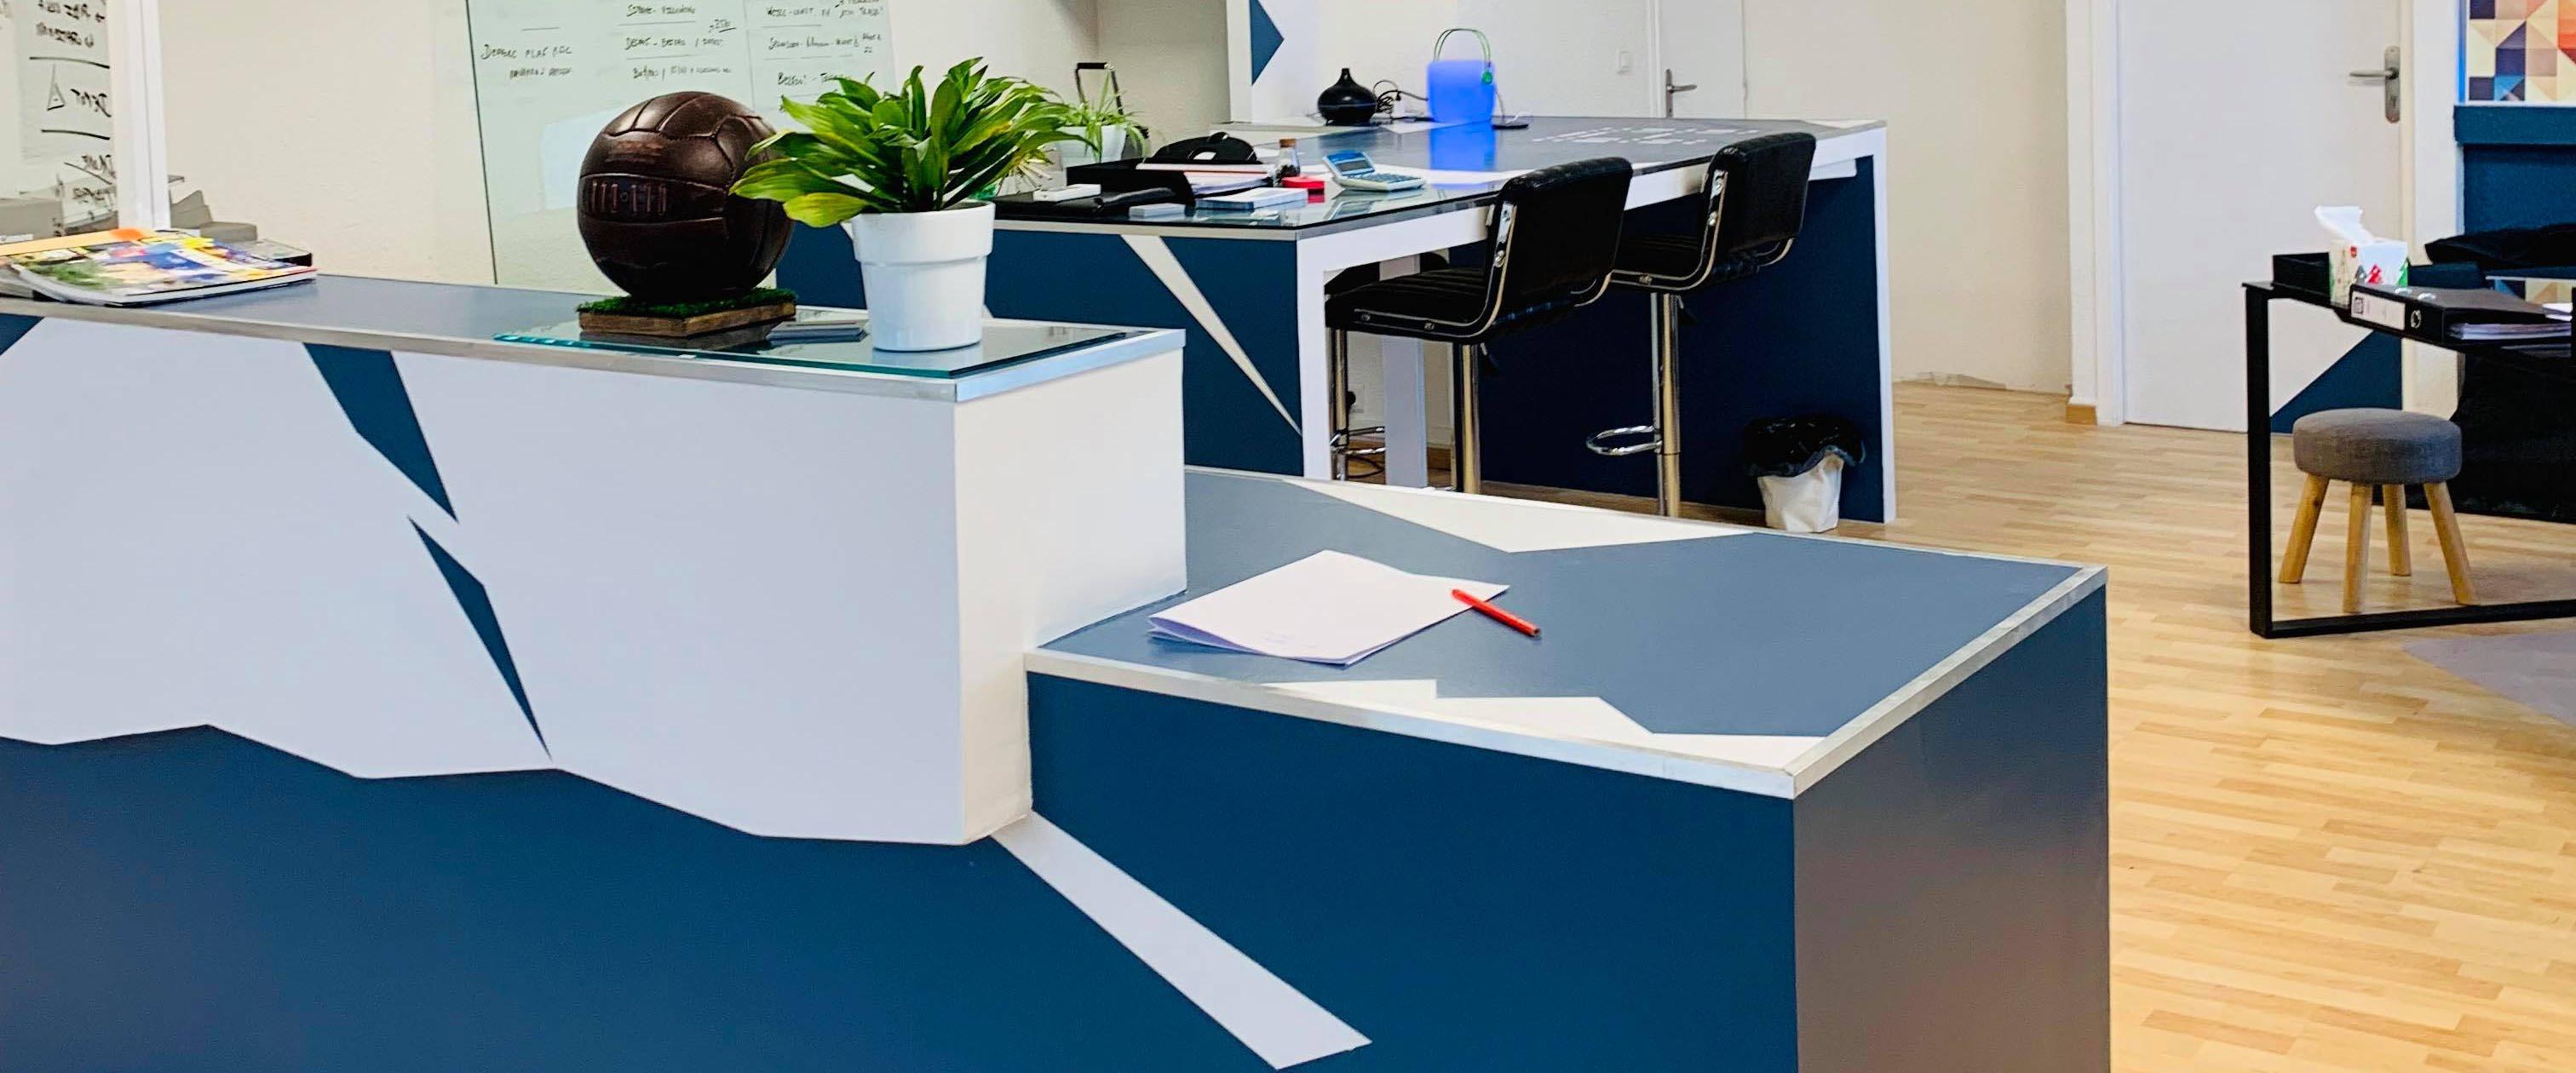 Entree_Bureaux_Alvit_Plaquiste_Jointeur_Perpignan_Bureau